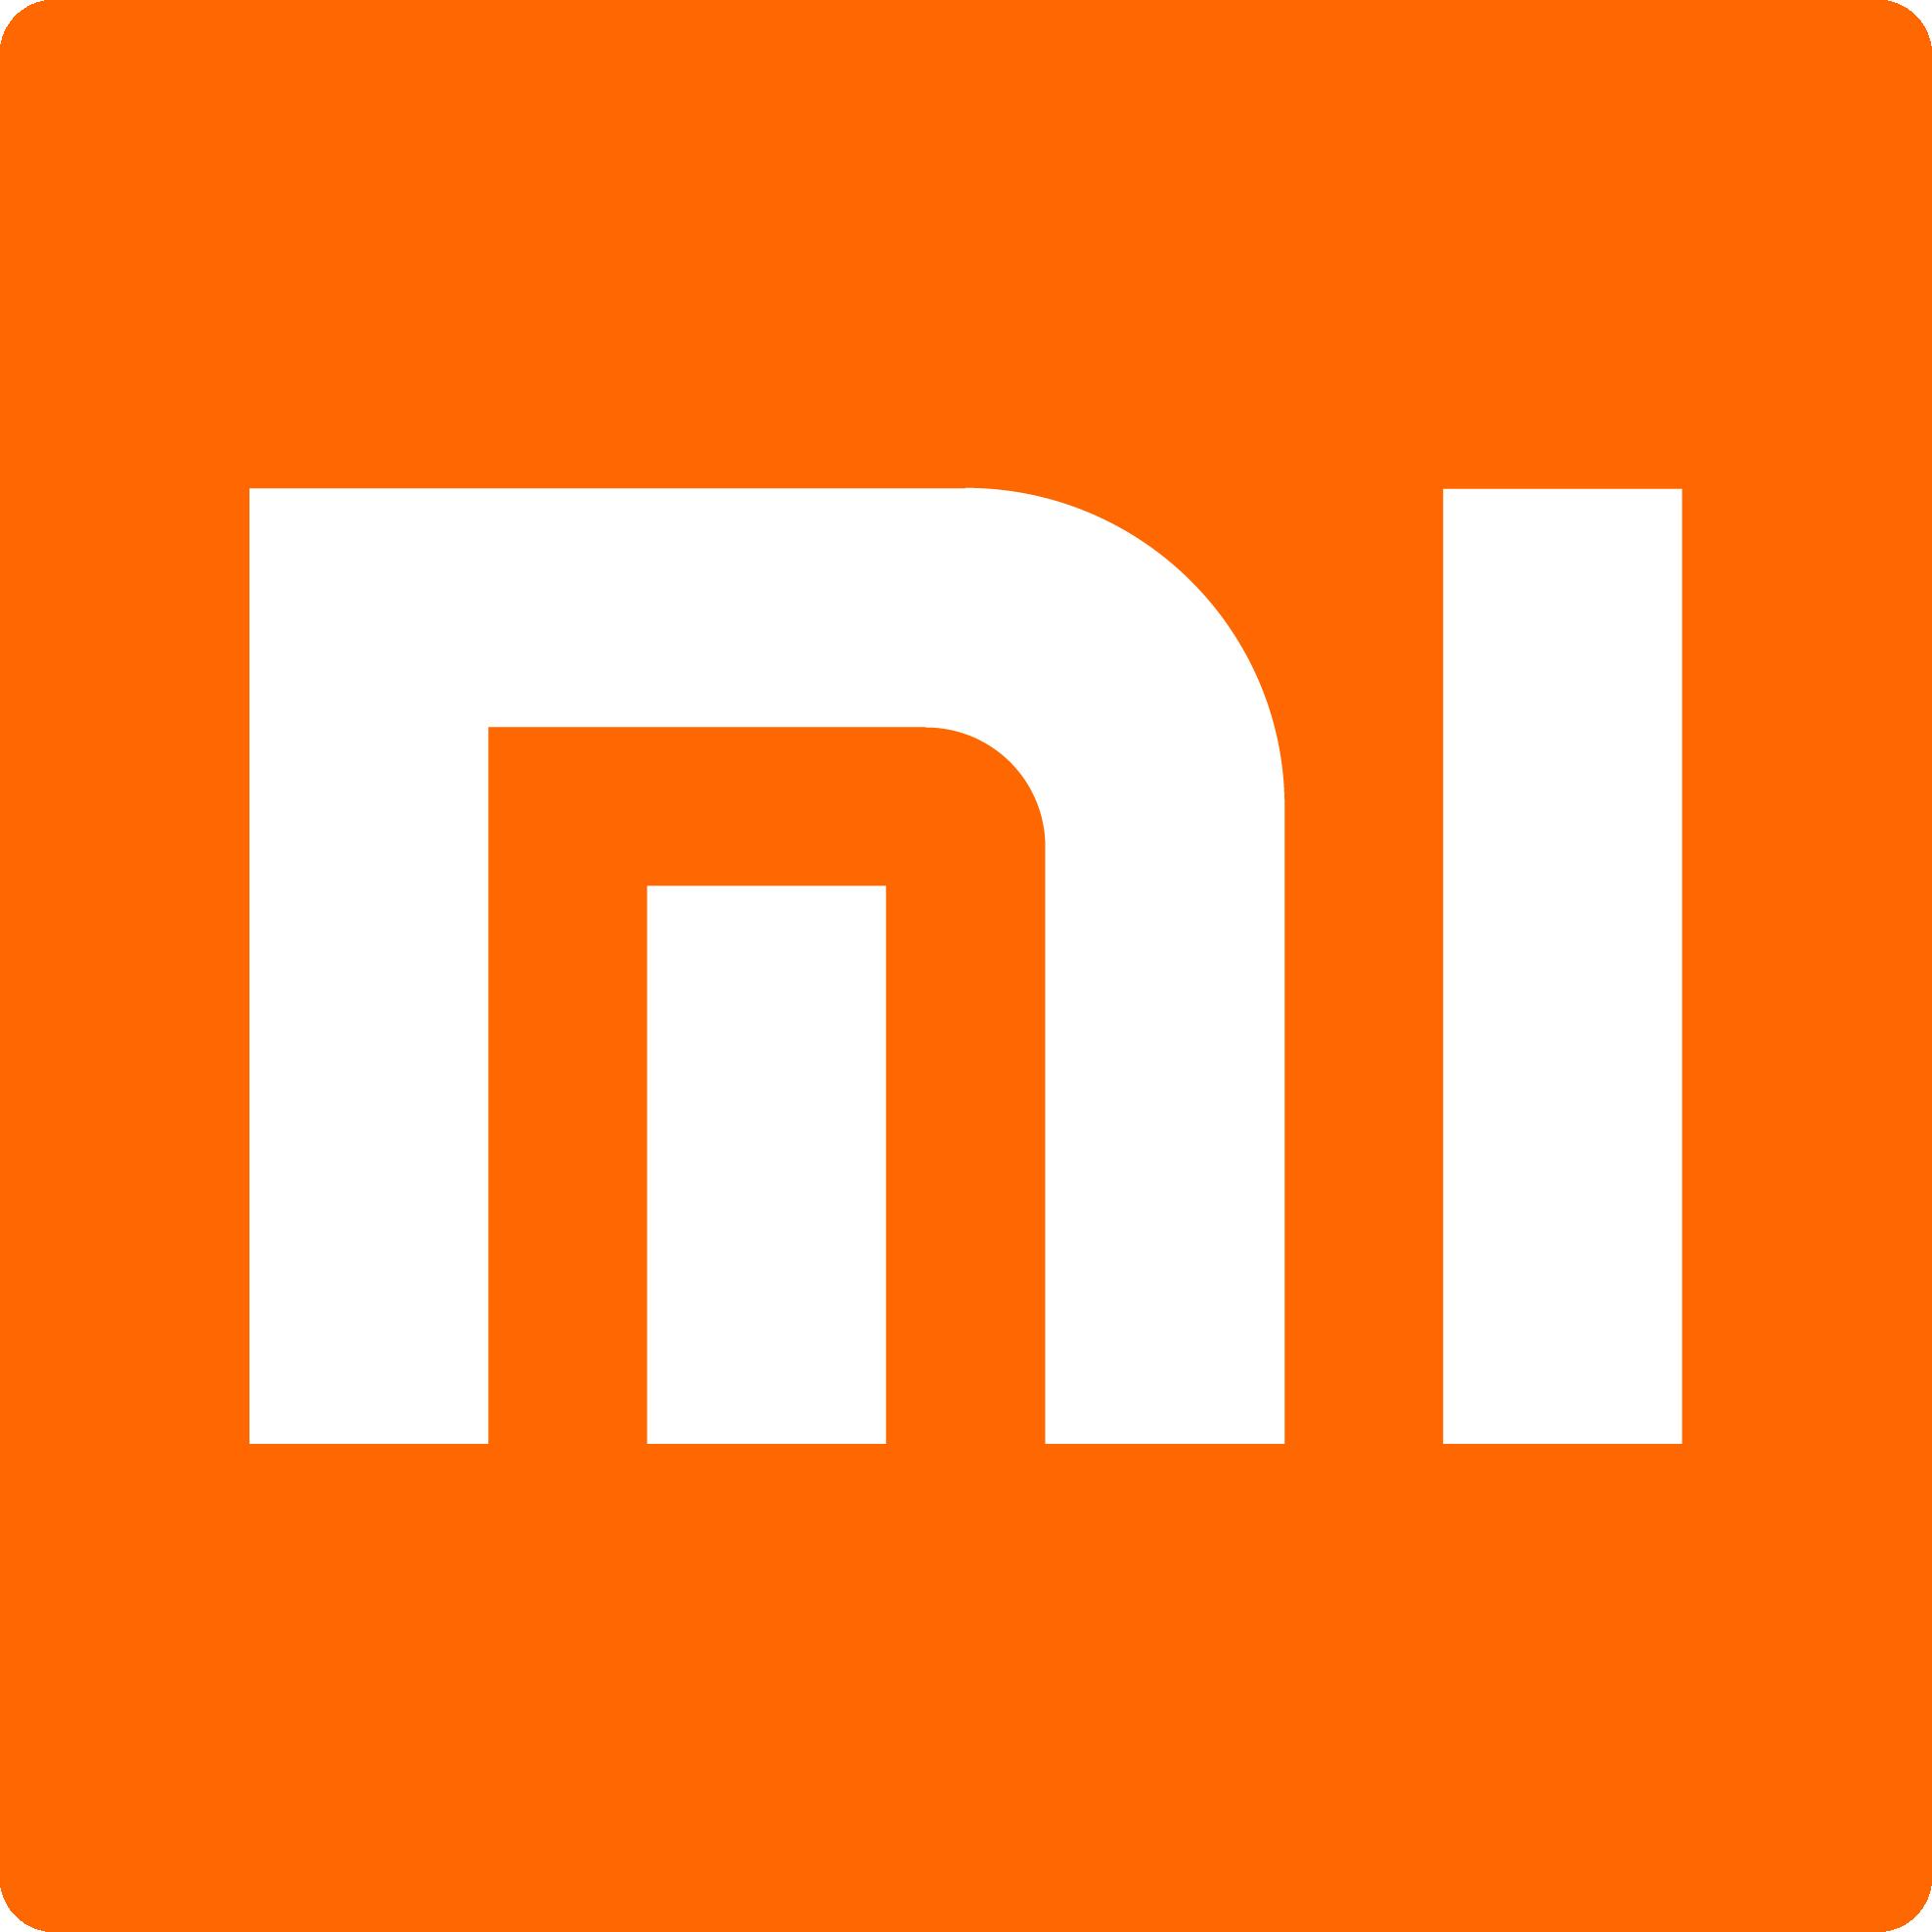 Xiaomi Logo Mi Vector Eps Free Download Logo Icons Clipart Xiaomi Logo Xiaomi Mobile Logo